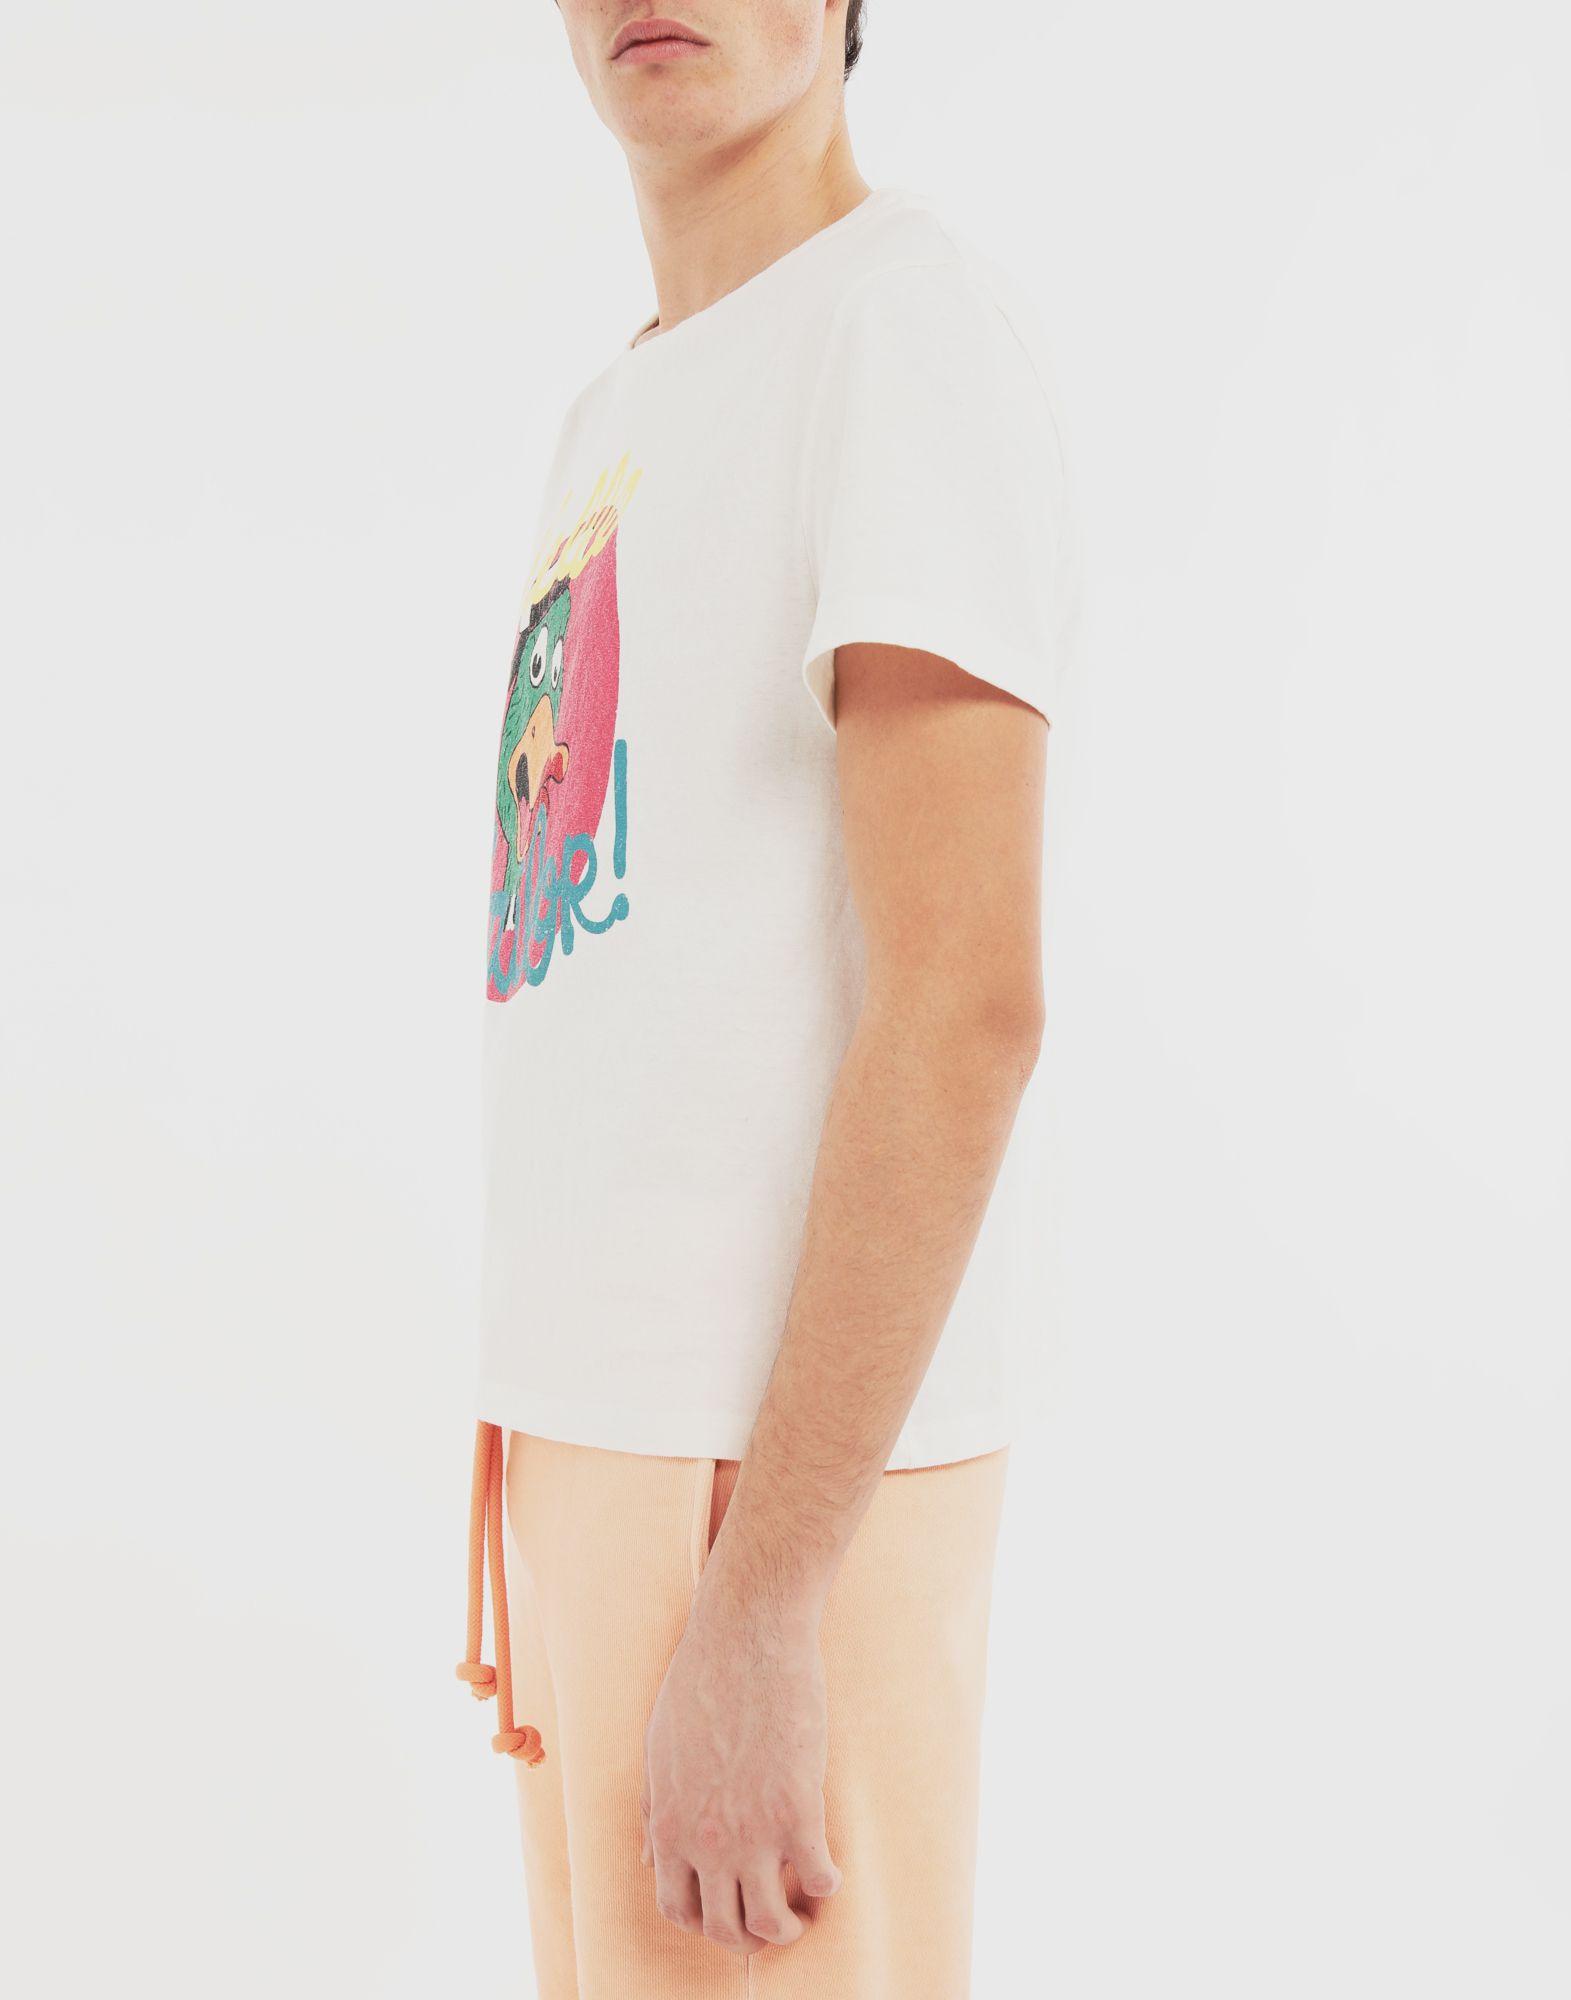 MAISON MARGIELA Sailor printed T-shirt Short sleeve t-shirt Man b